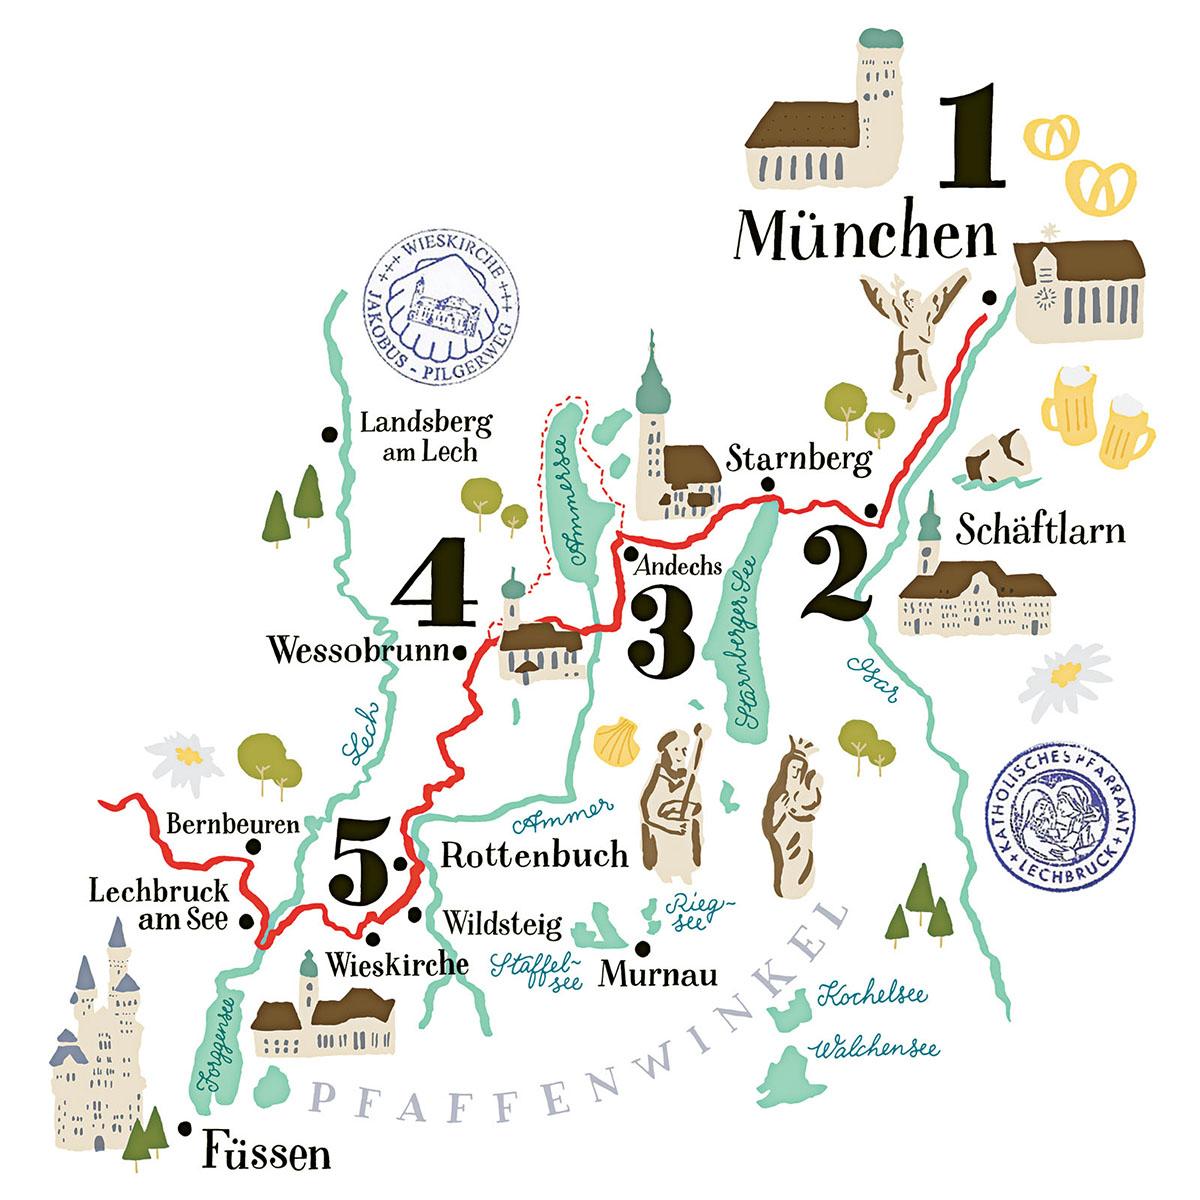 Illustrierte Karte vom Jakobsweg bei München, GEO Special 3/15